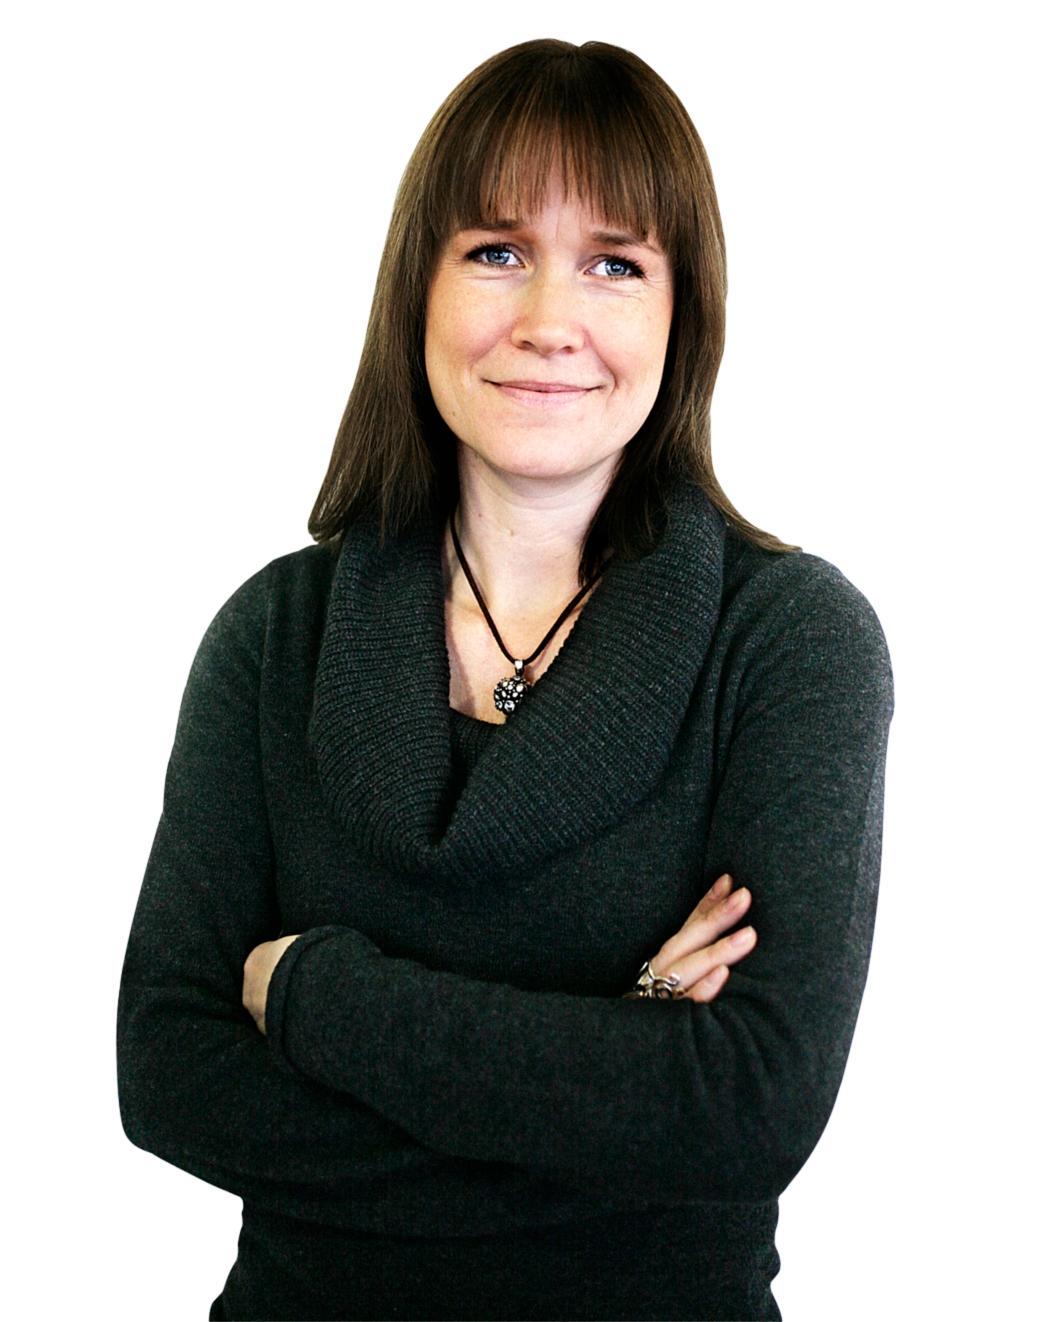 Ylva Sanfridson, 39, arbetar som informatör. Hon är gift och har två barn, 3 och 5 år. Bor i Nyköping.